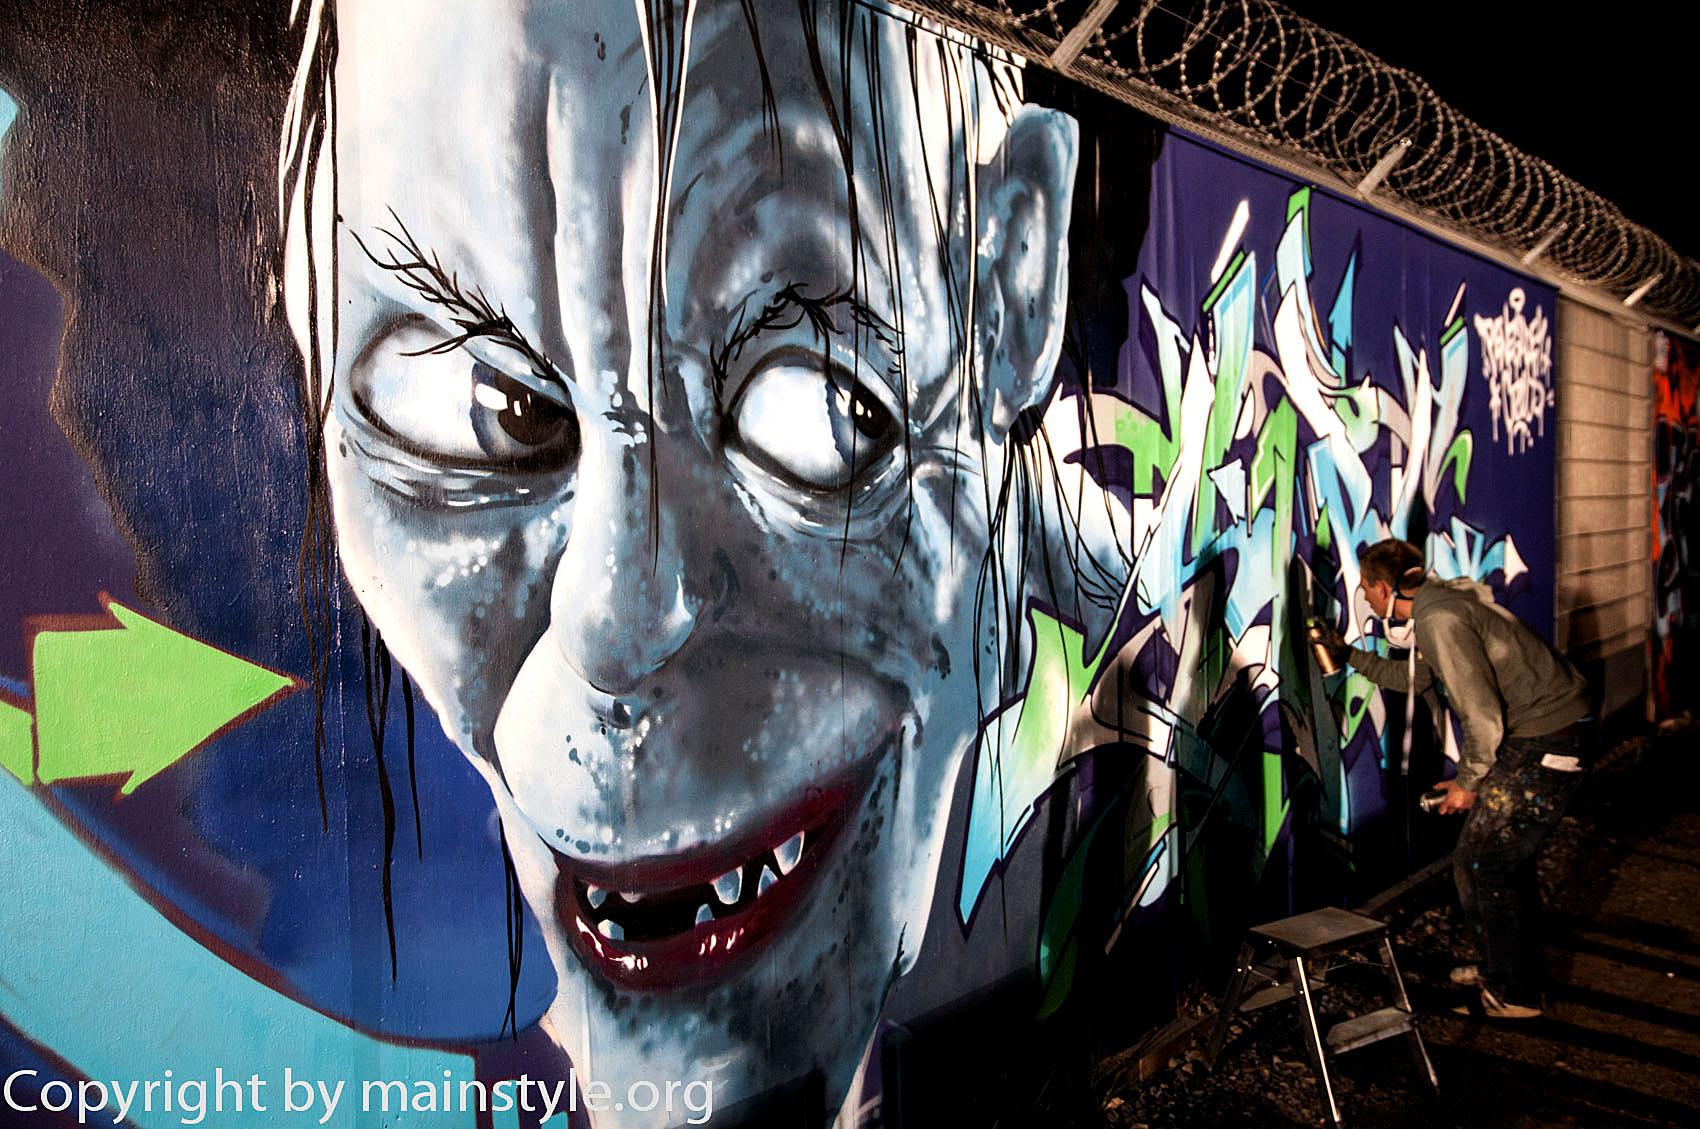 Frankfurt_Nacht_der_Museen_Graffiti_EZB_2013_-6264